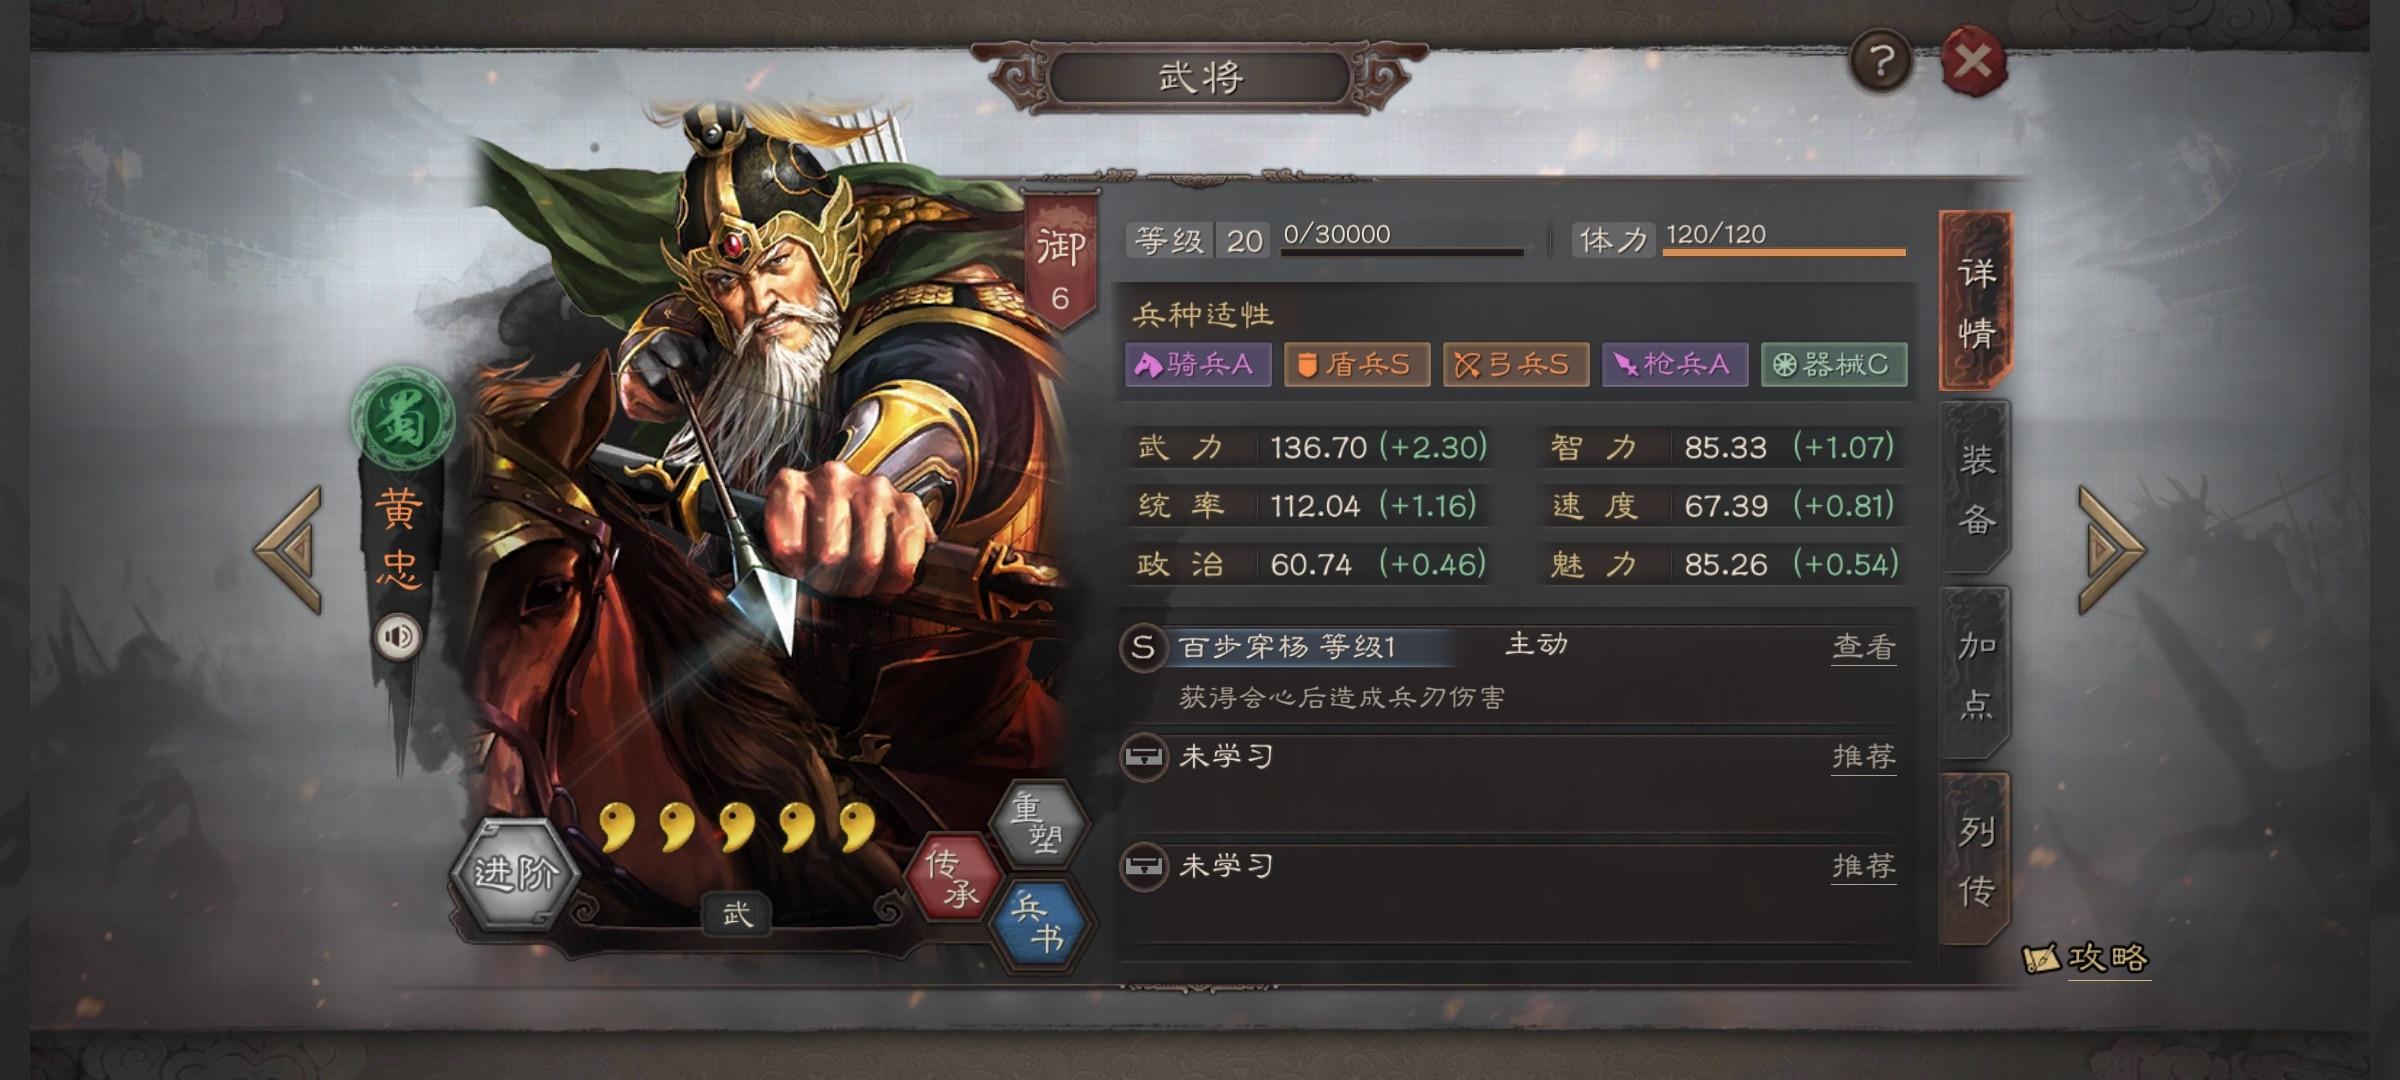 三国志战略版:10月21号版本更新,黄忠能从冷板凳起来了吗?插图(2)